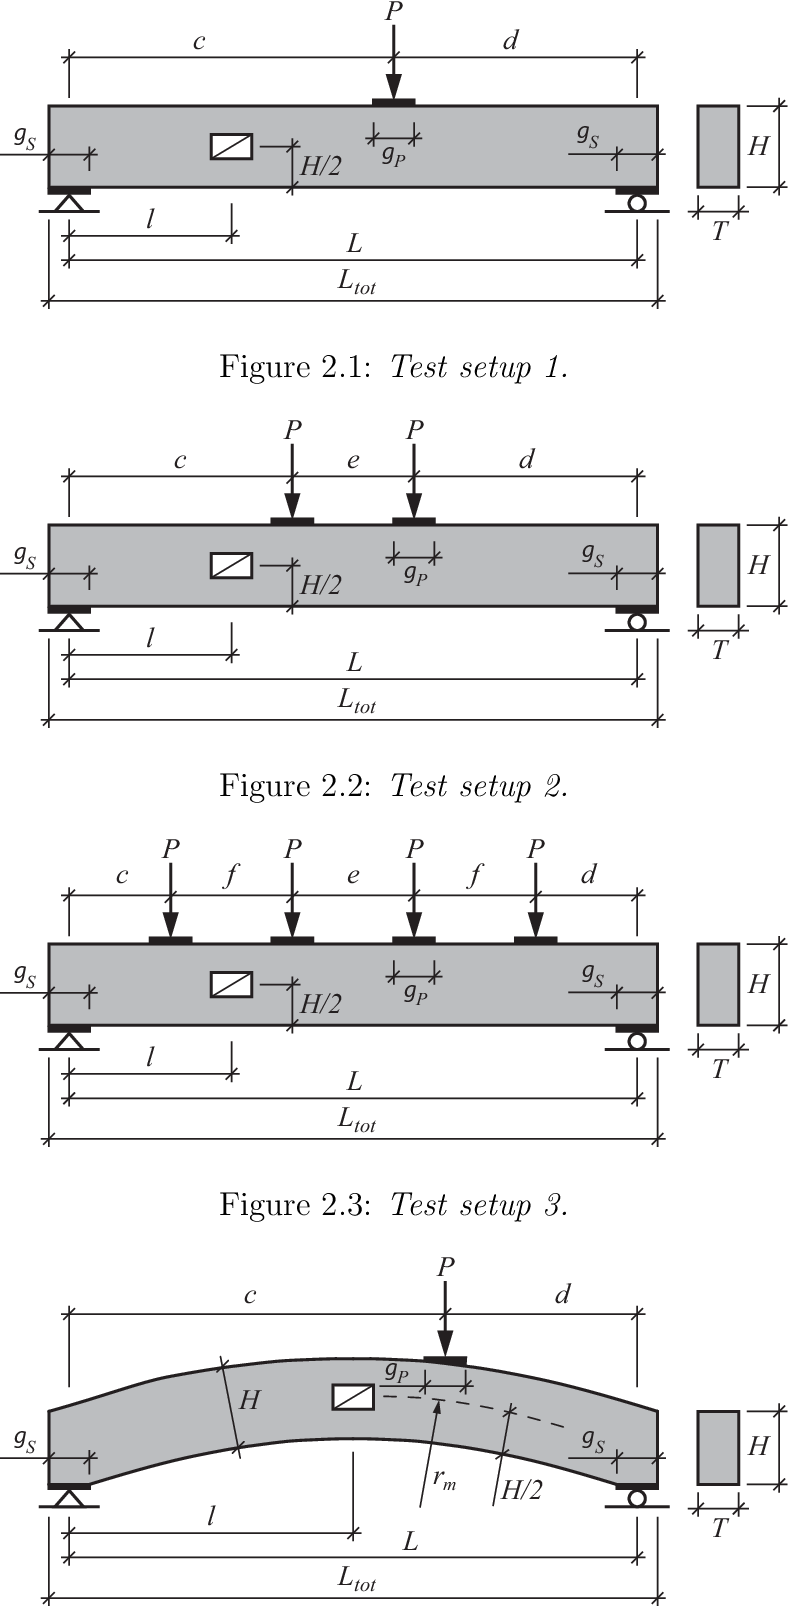 Figure 2.1: Test setup 1.